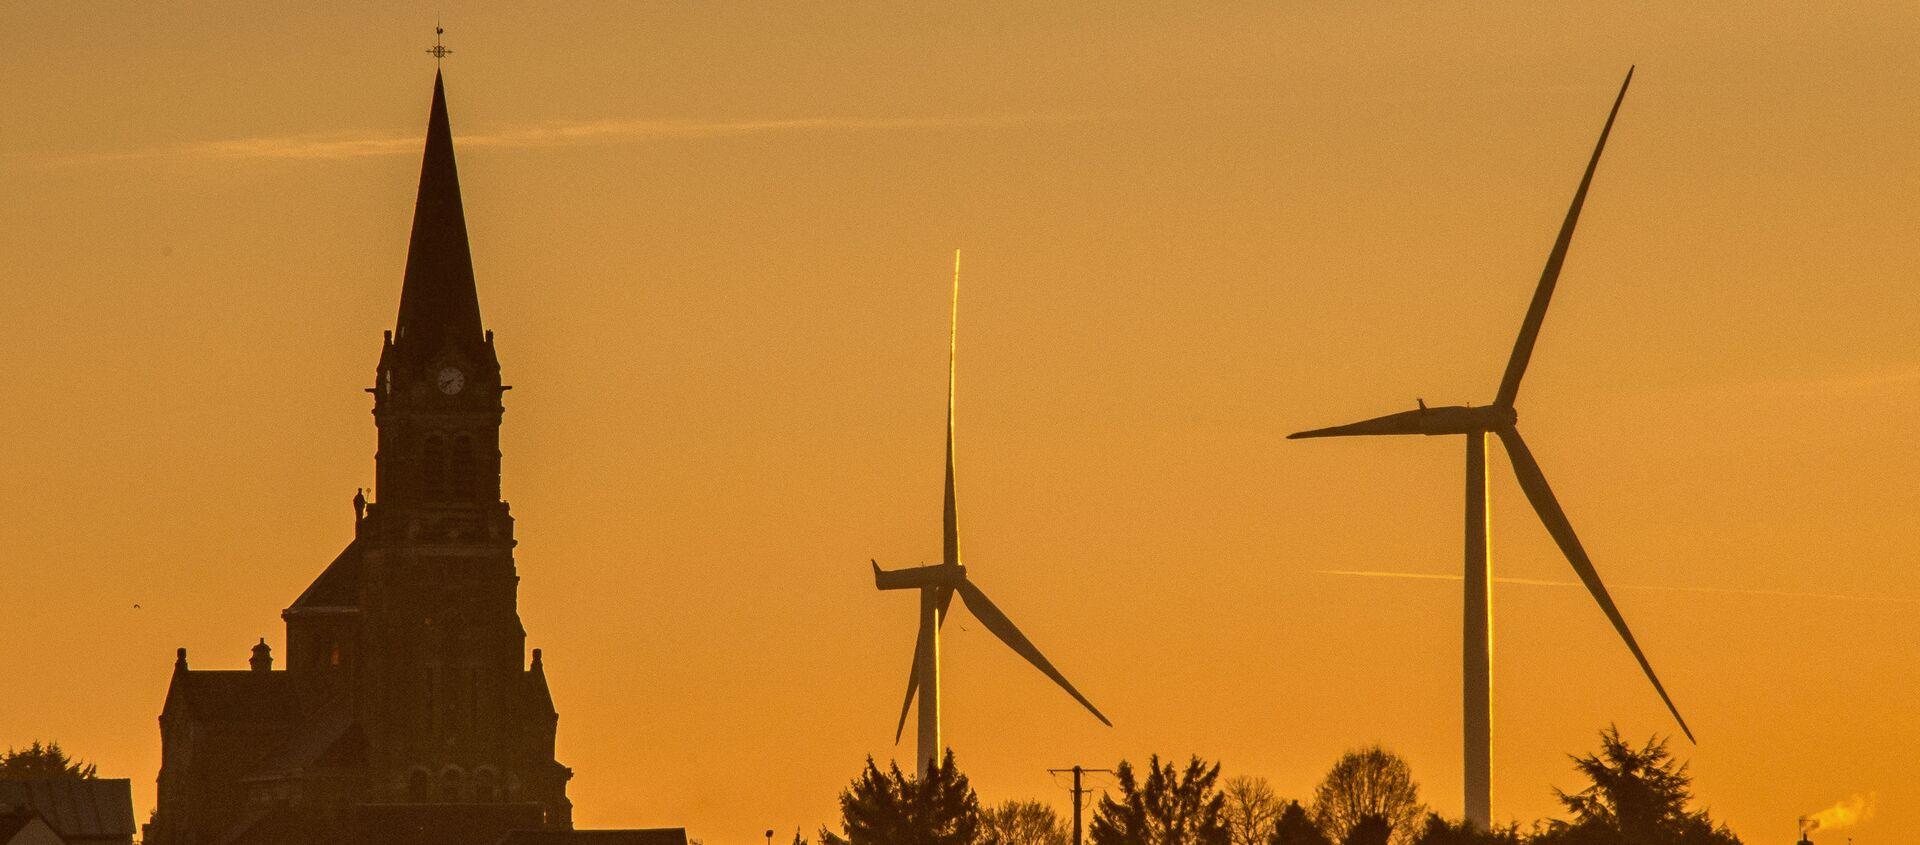 Des éoliennes à Leury, dans le nord de la France, Novembre 2016. (PHILIPPE HUGUEN / AFP) - Sputnik France, 1920, 30.04.2021